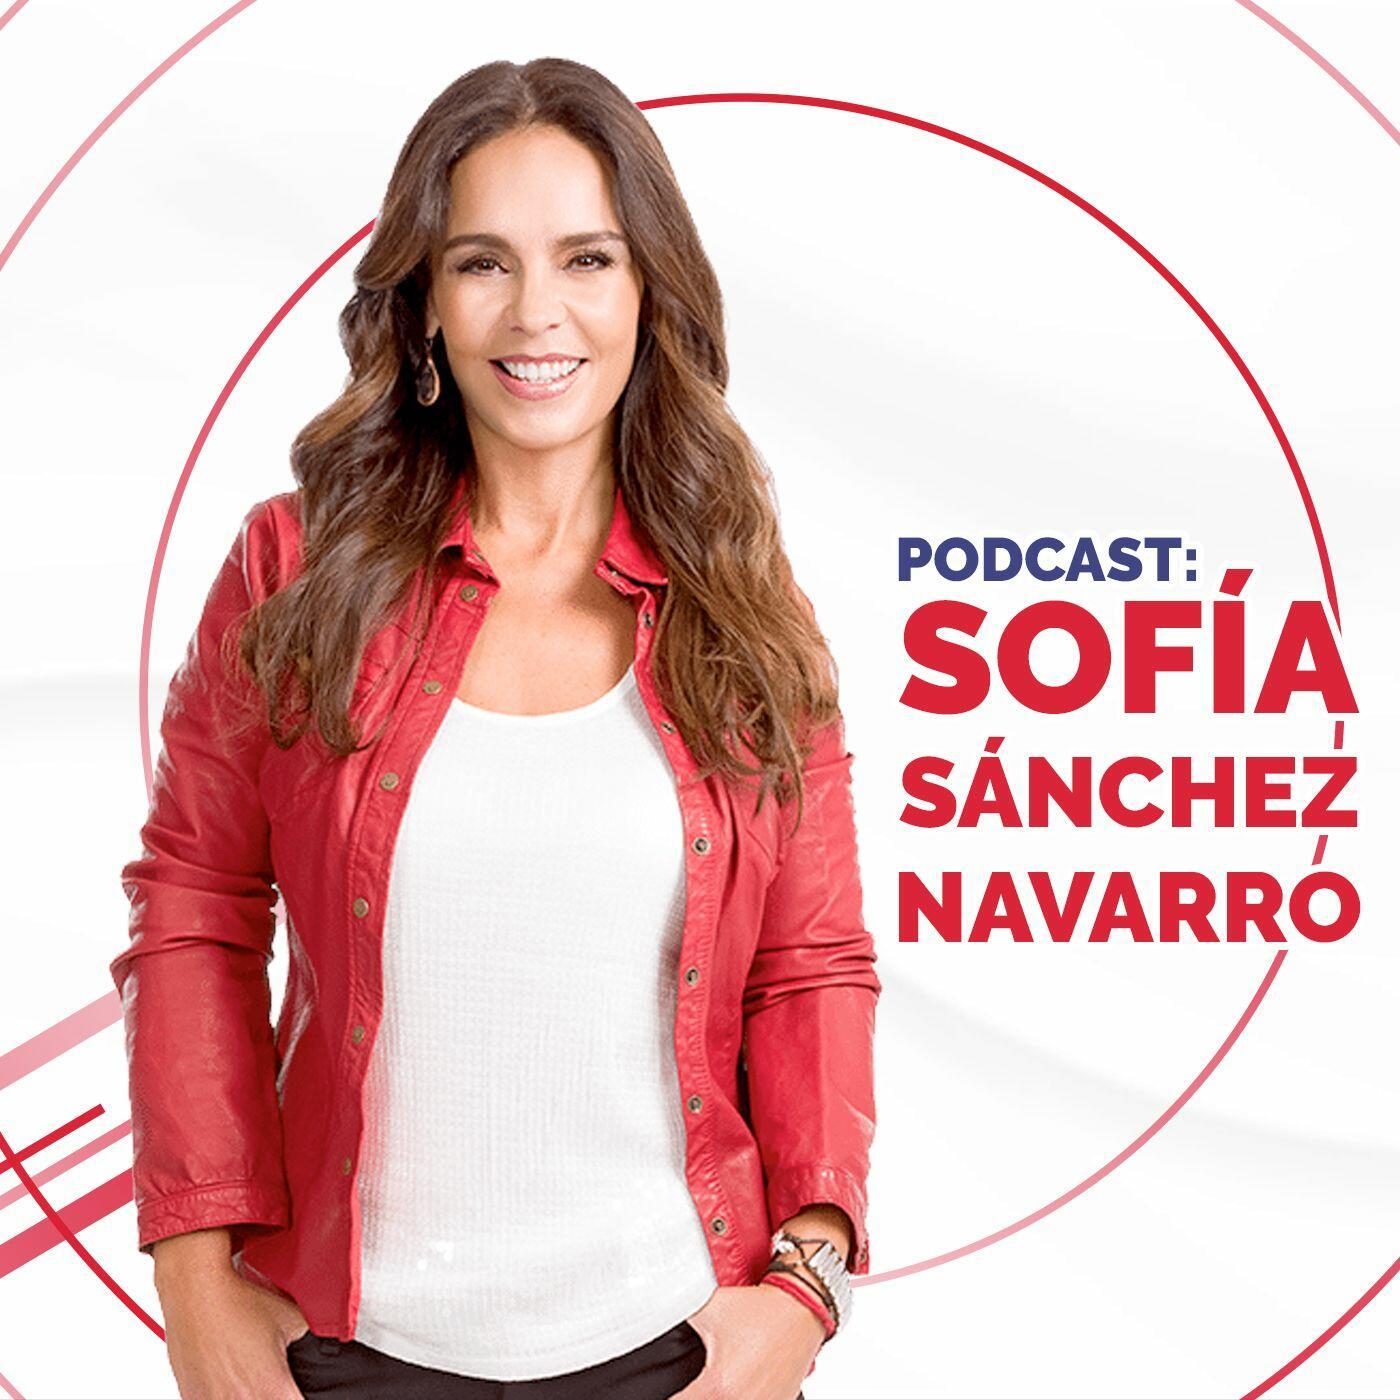 Listen to the Podcast: Sofía Sánchez Navarro Episode - Enamorarse cualquiera, mantenerse enamorado es un trabajo on iHeartRadio | iHeartRadio